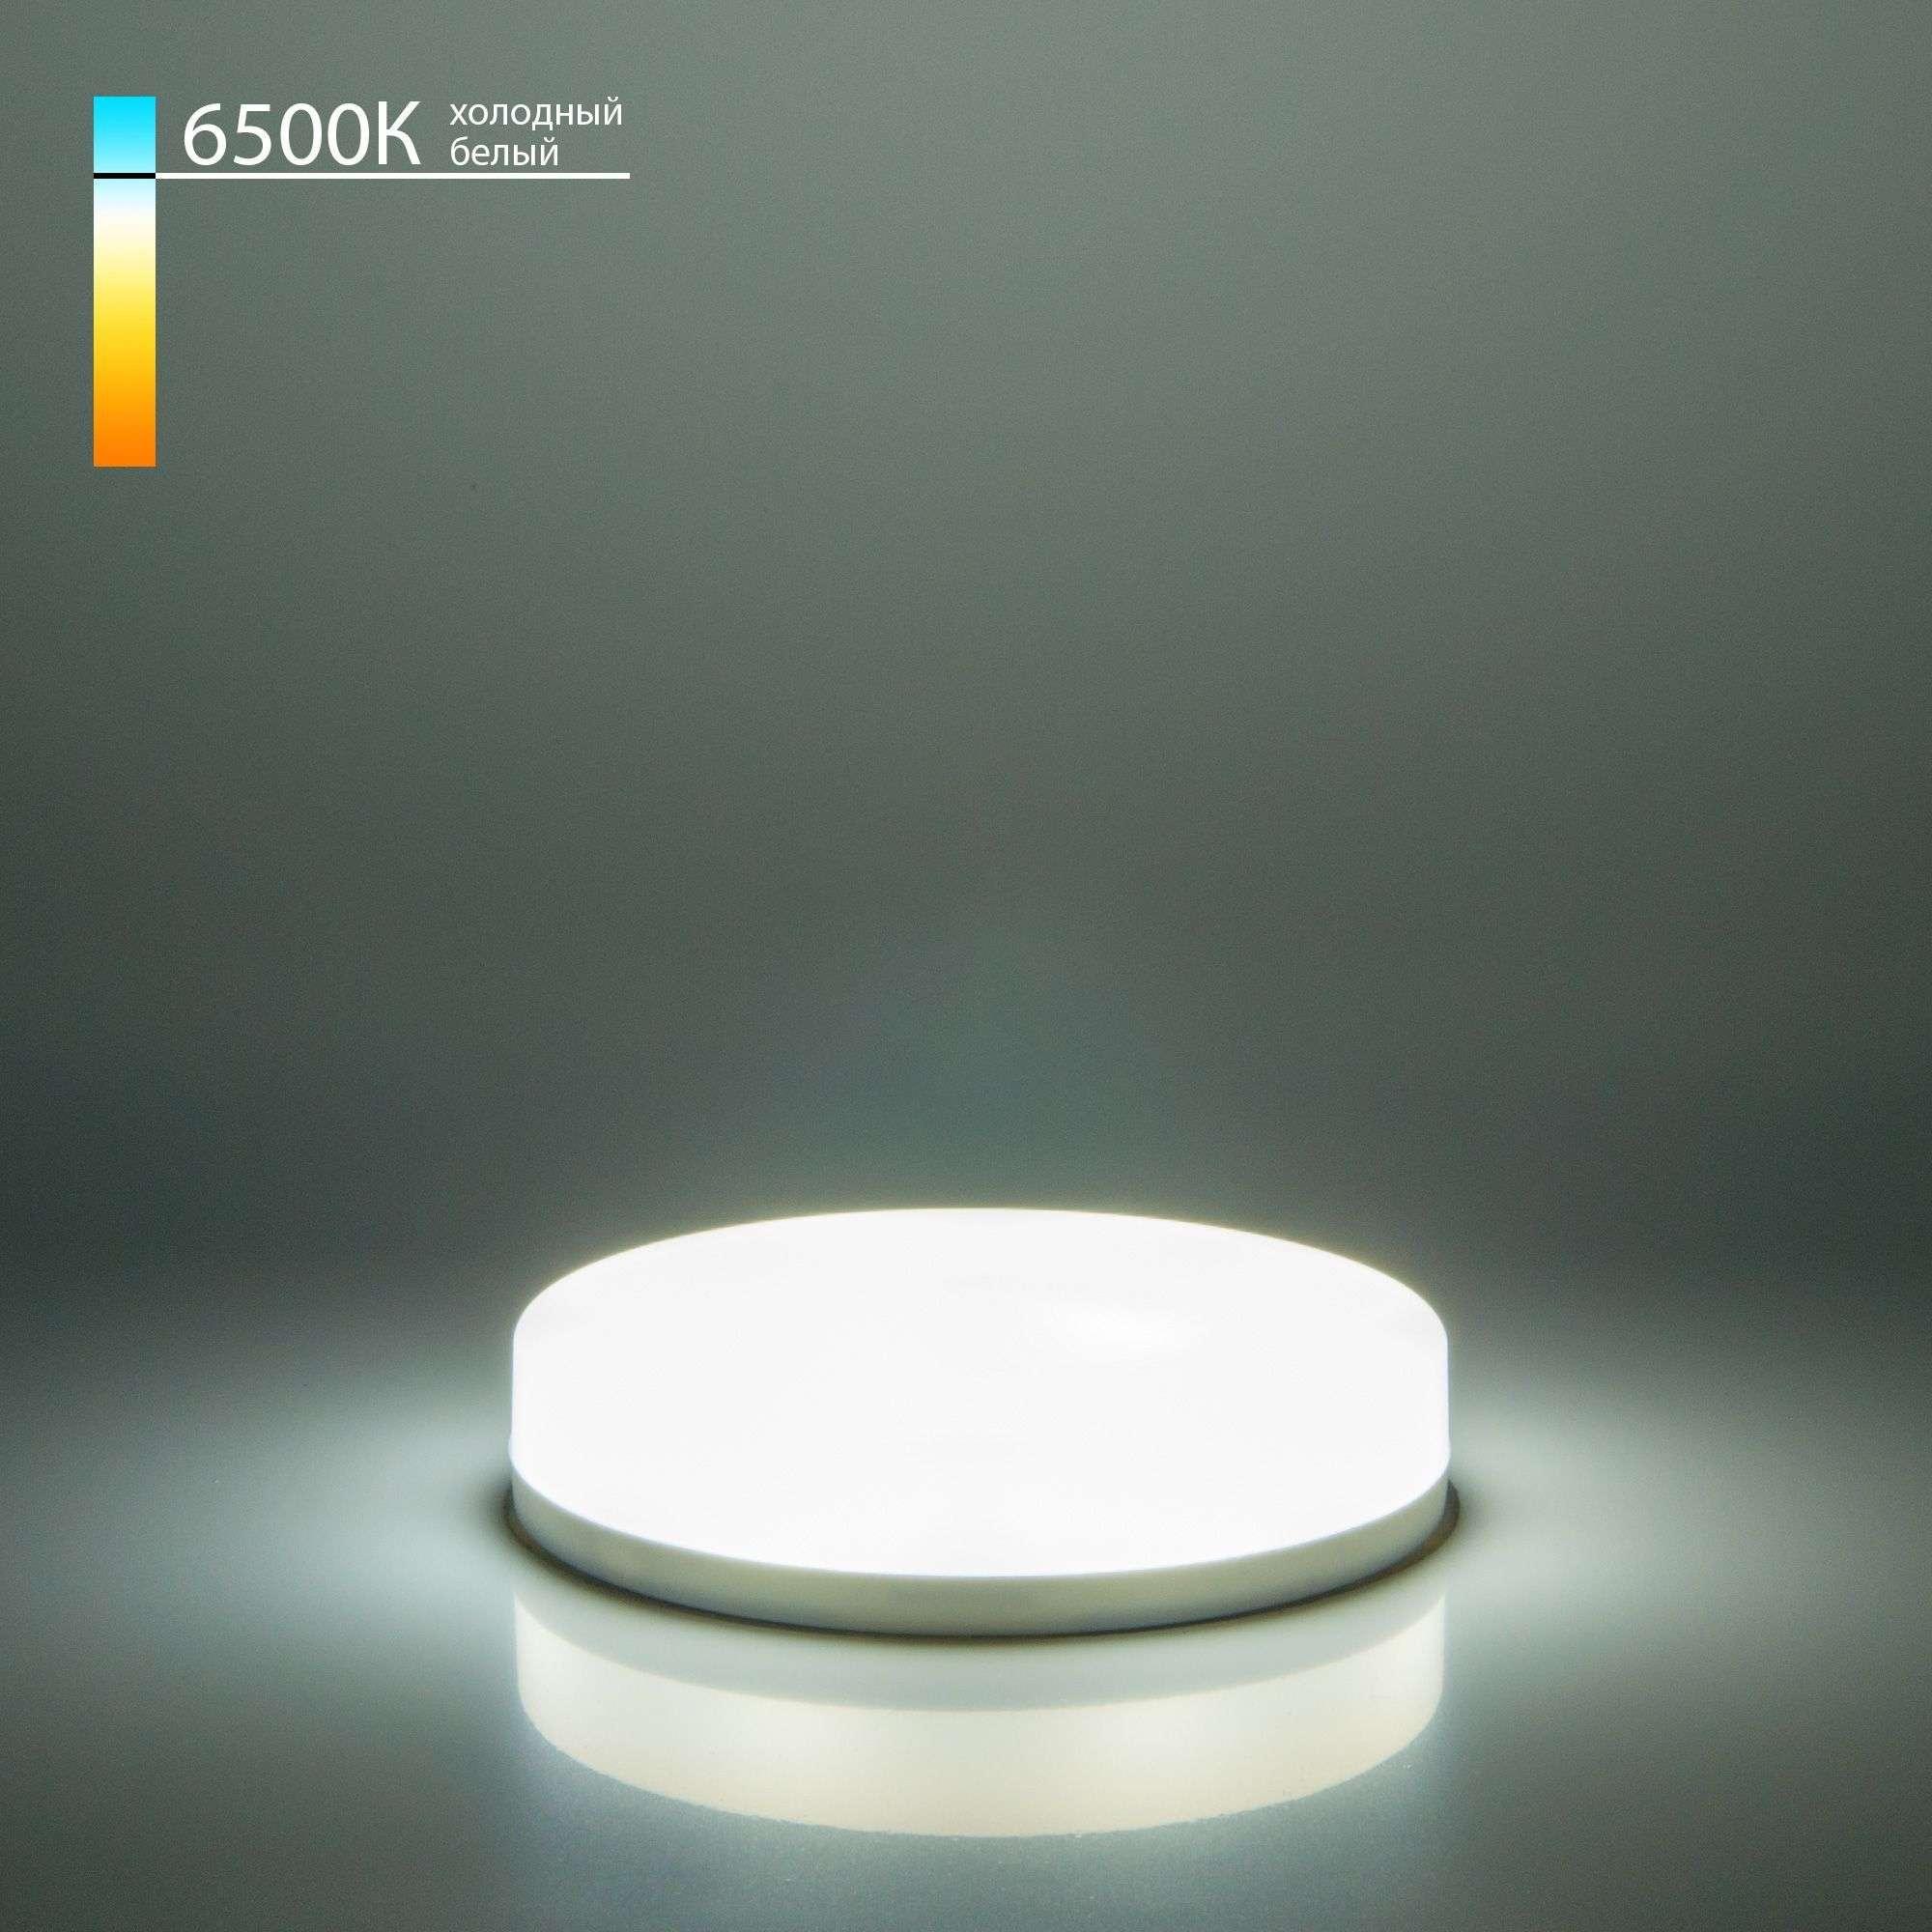 Cветодиодная лампа 8W 6500K GX53 GX53 LED PC 8W 6500K